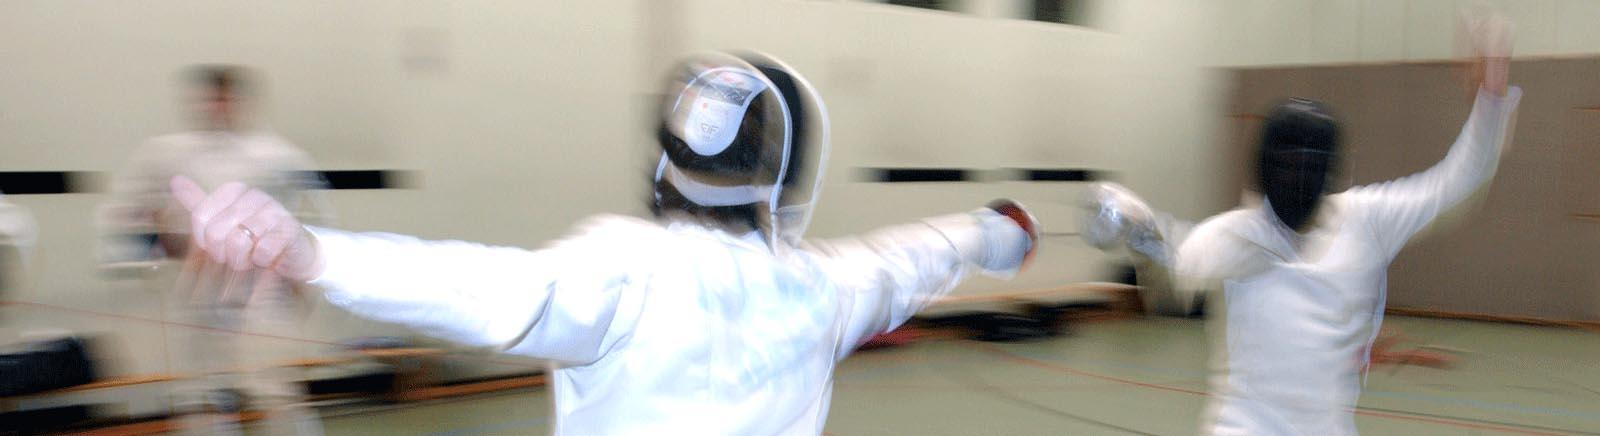 Karate am TSV Grünwald